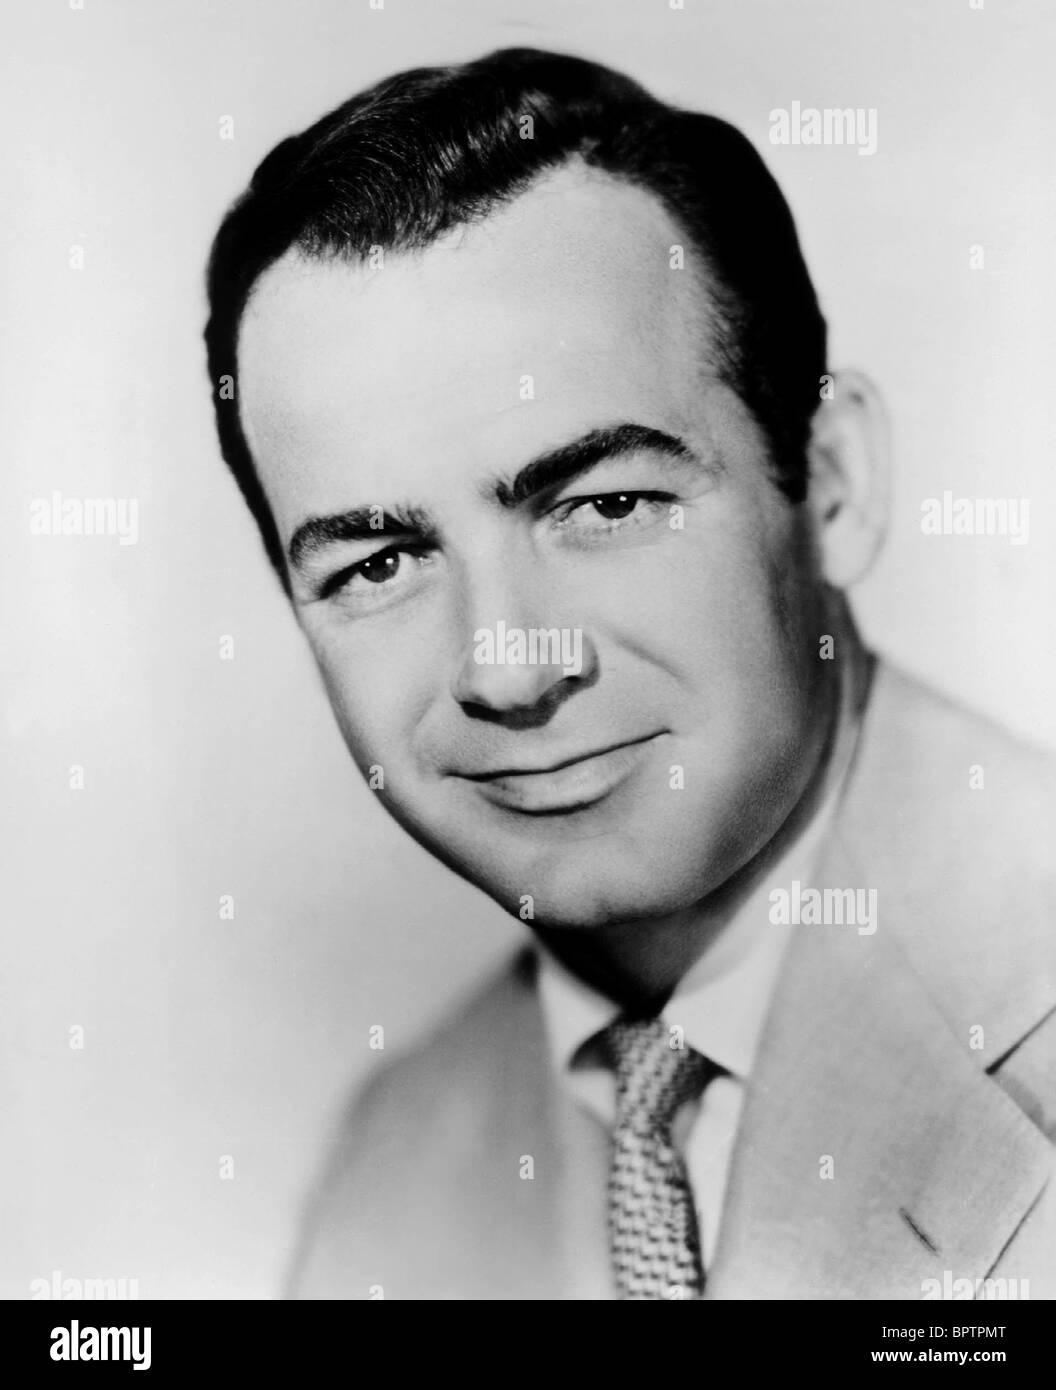 MARK STEVENS ACTOR (1956) - Stock Image